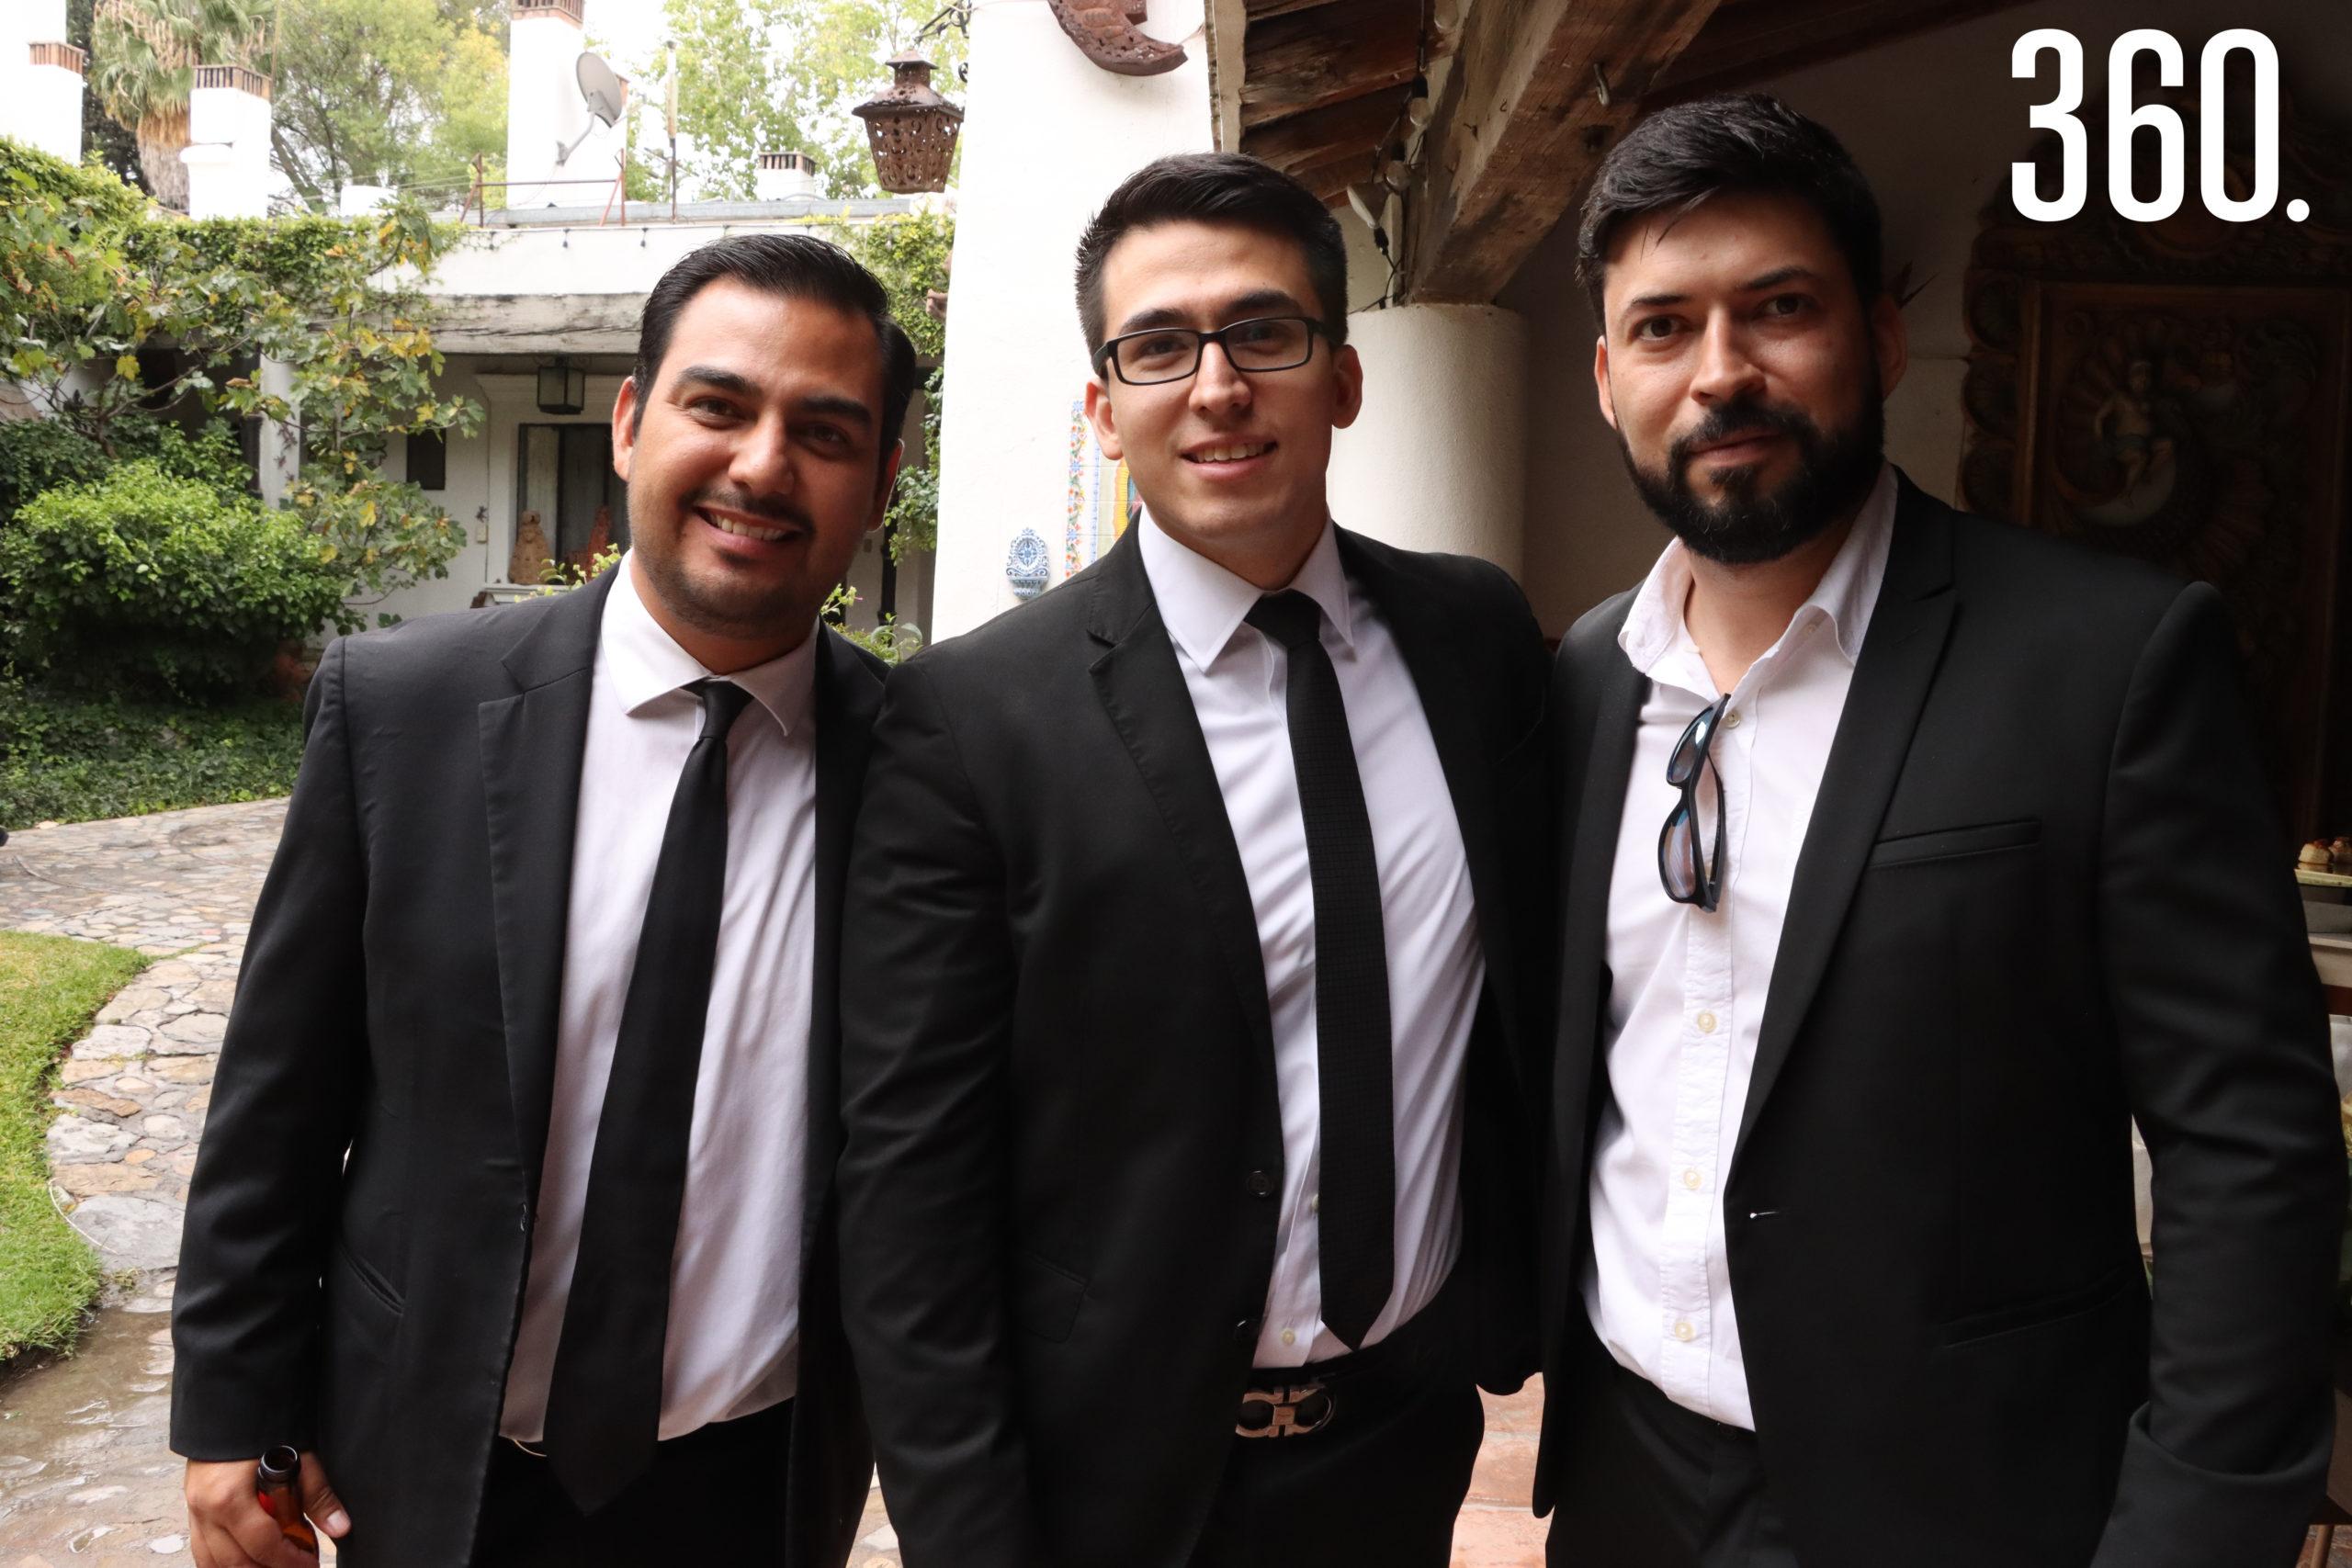 David Narro, Irving Escobedo y Roberto Leal.